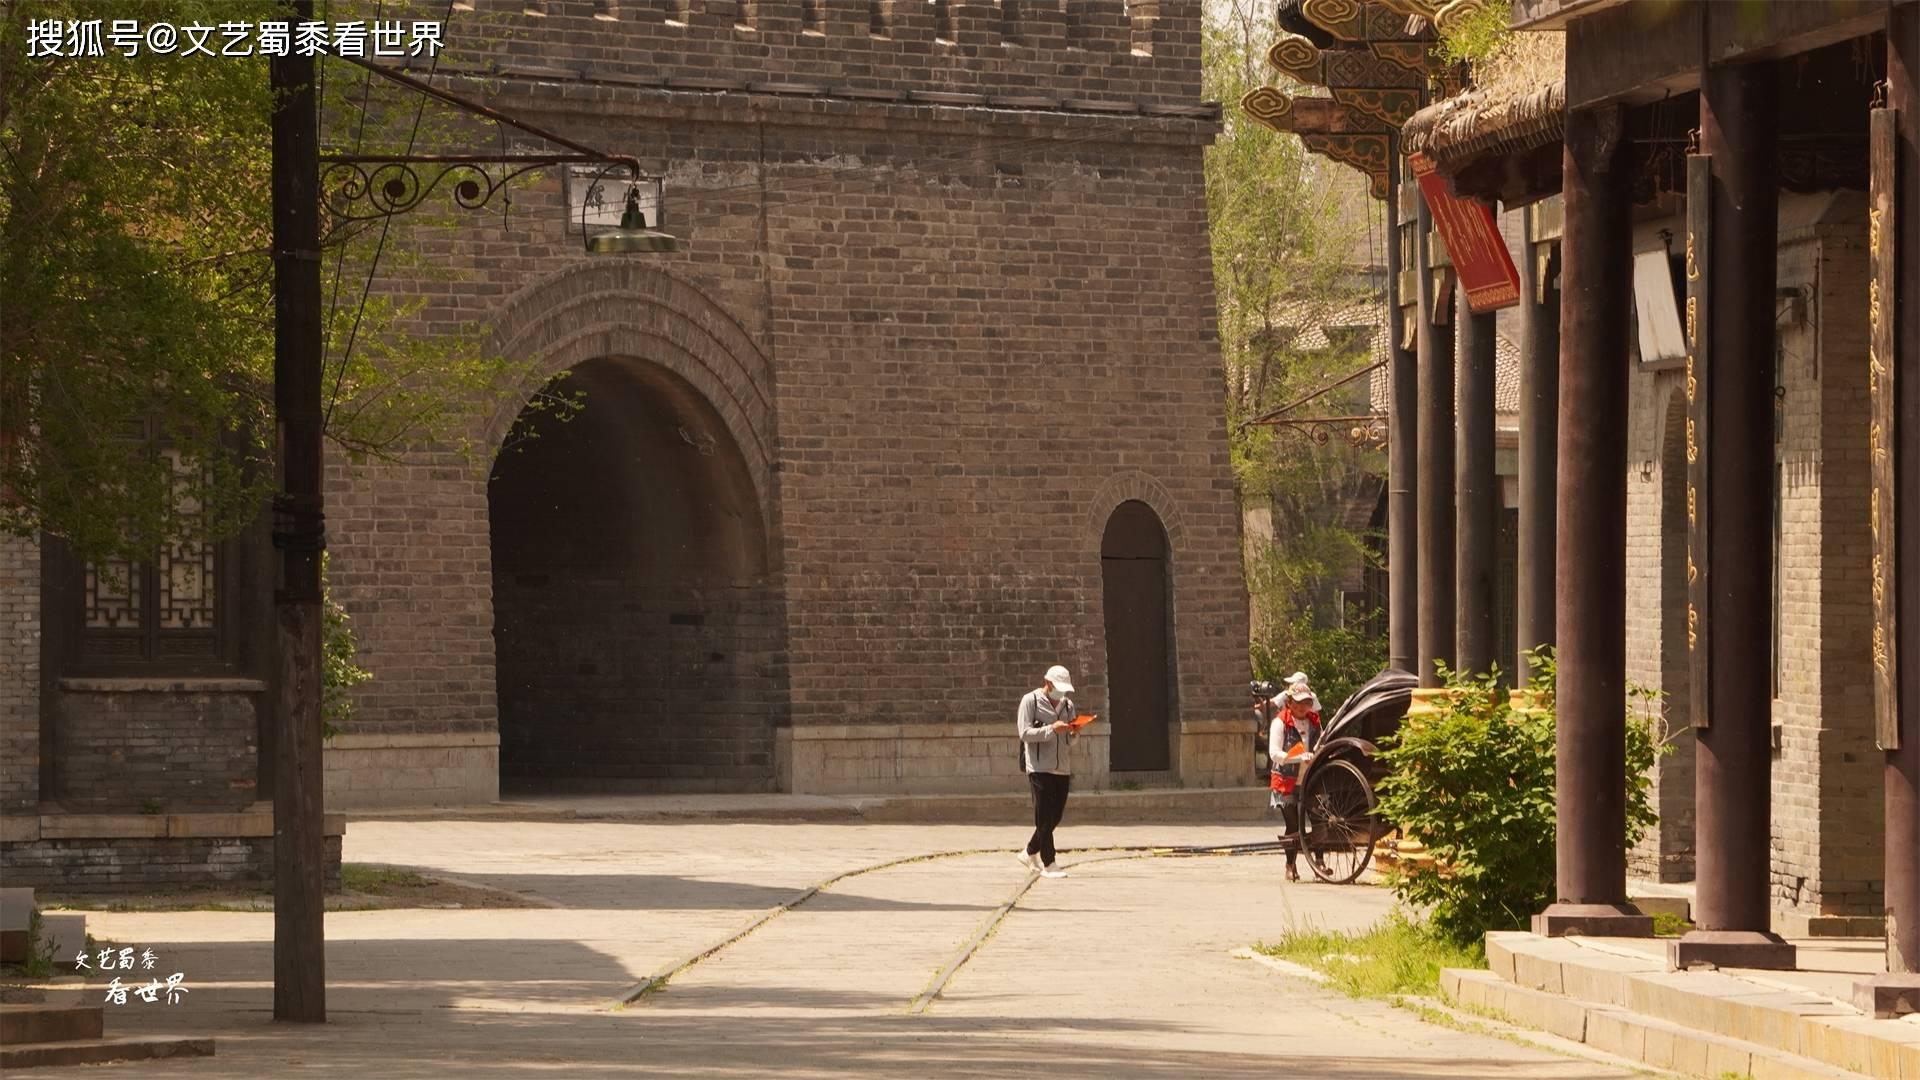 13年前赵本山花3亿建的,如今虽有点破败,却更像民国时期的盛京